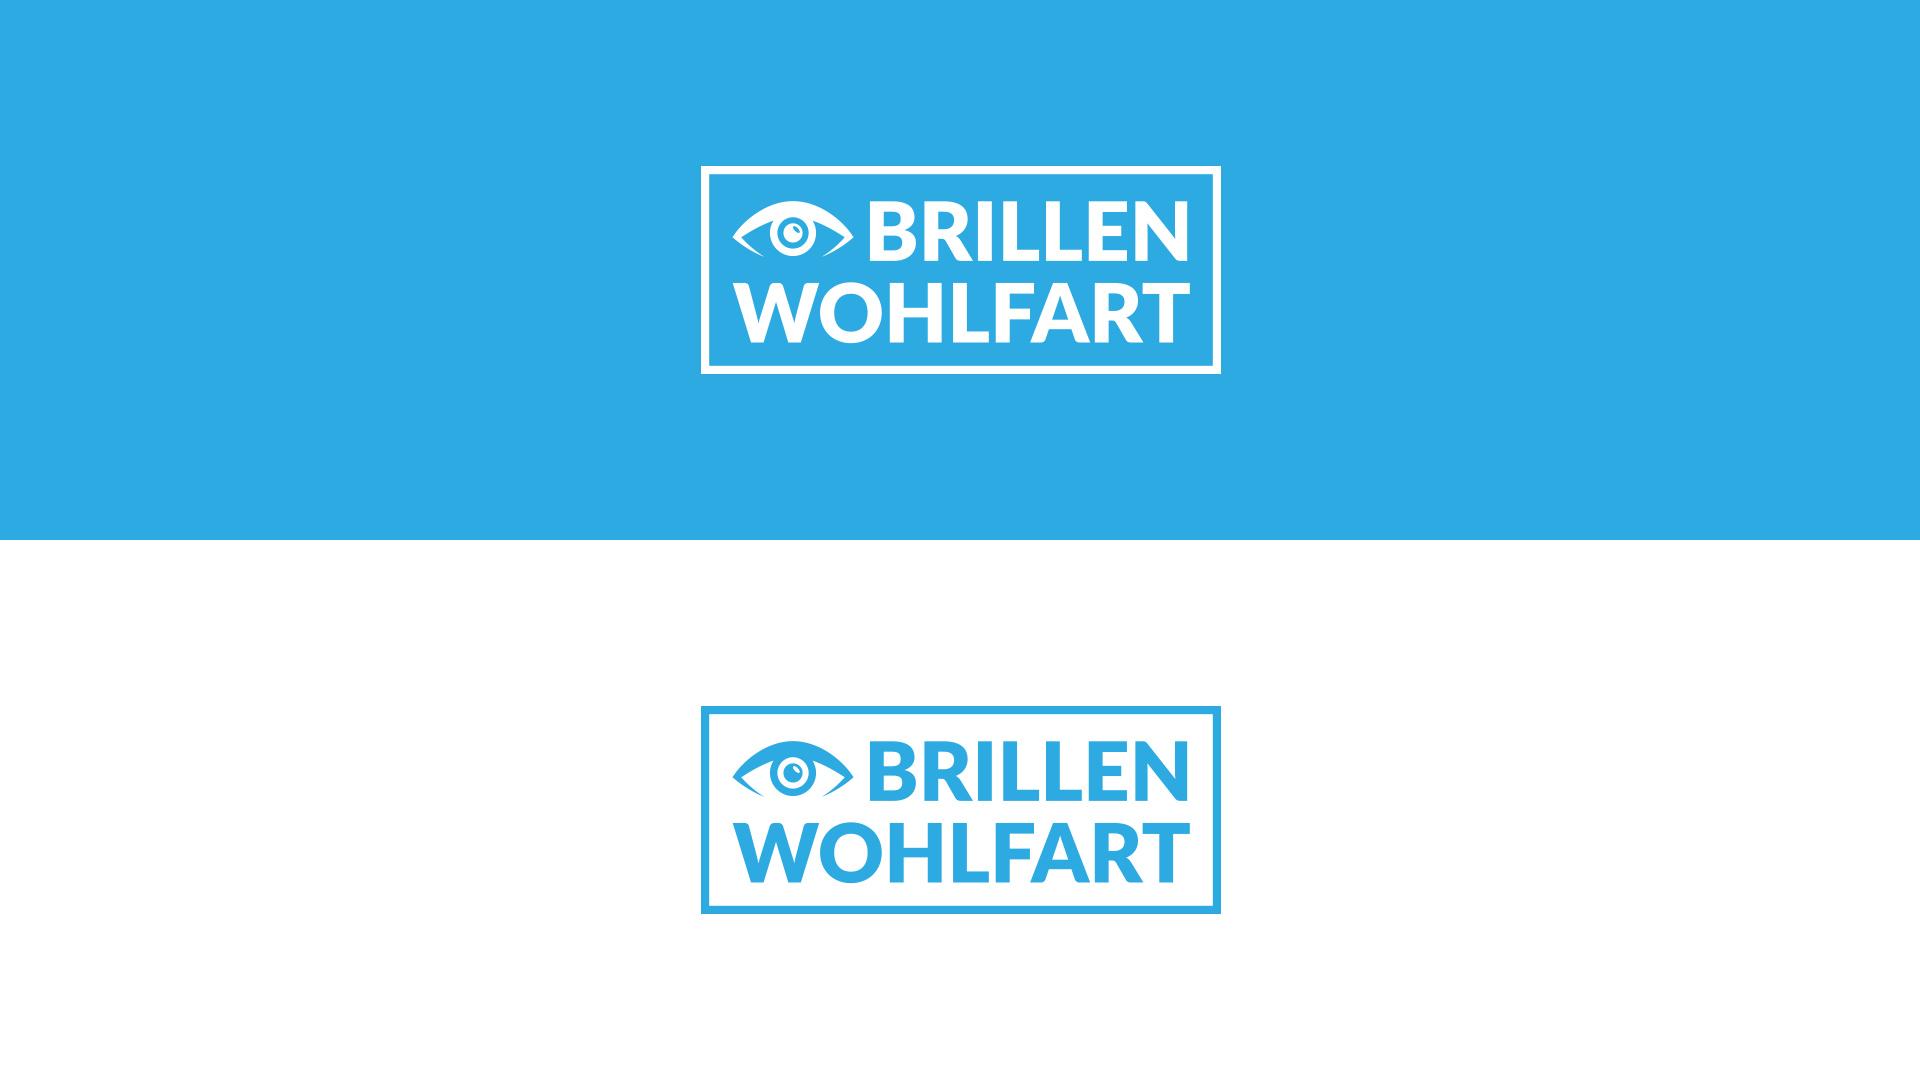 brillenwohlfart_design_raphael_lechner_1